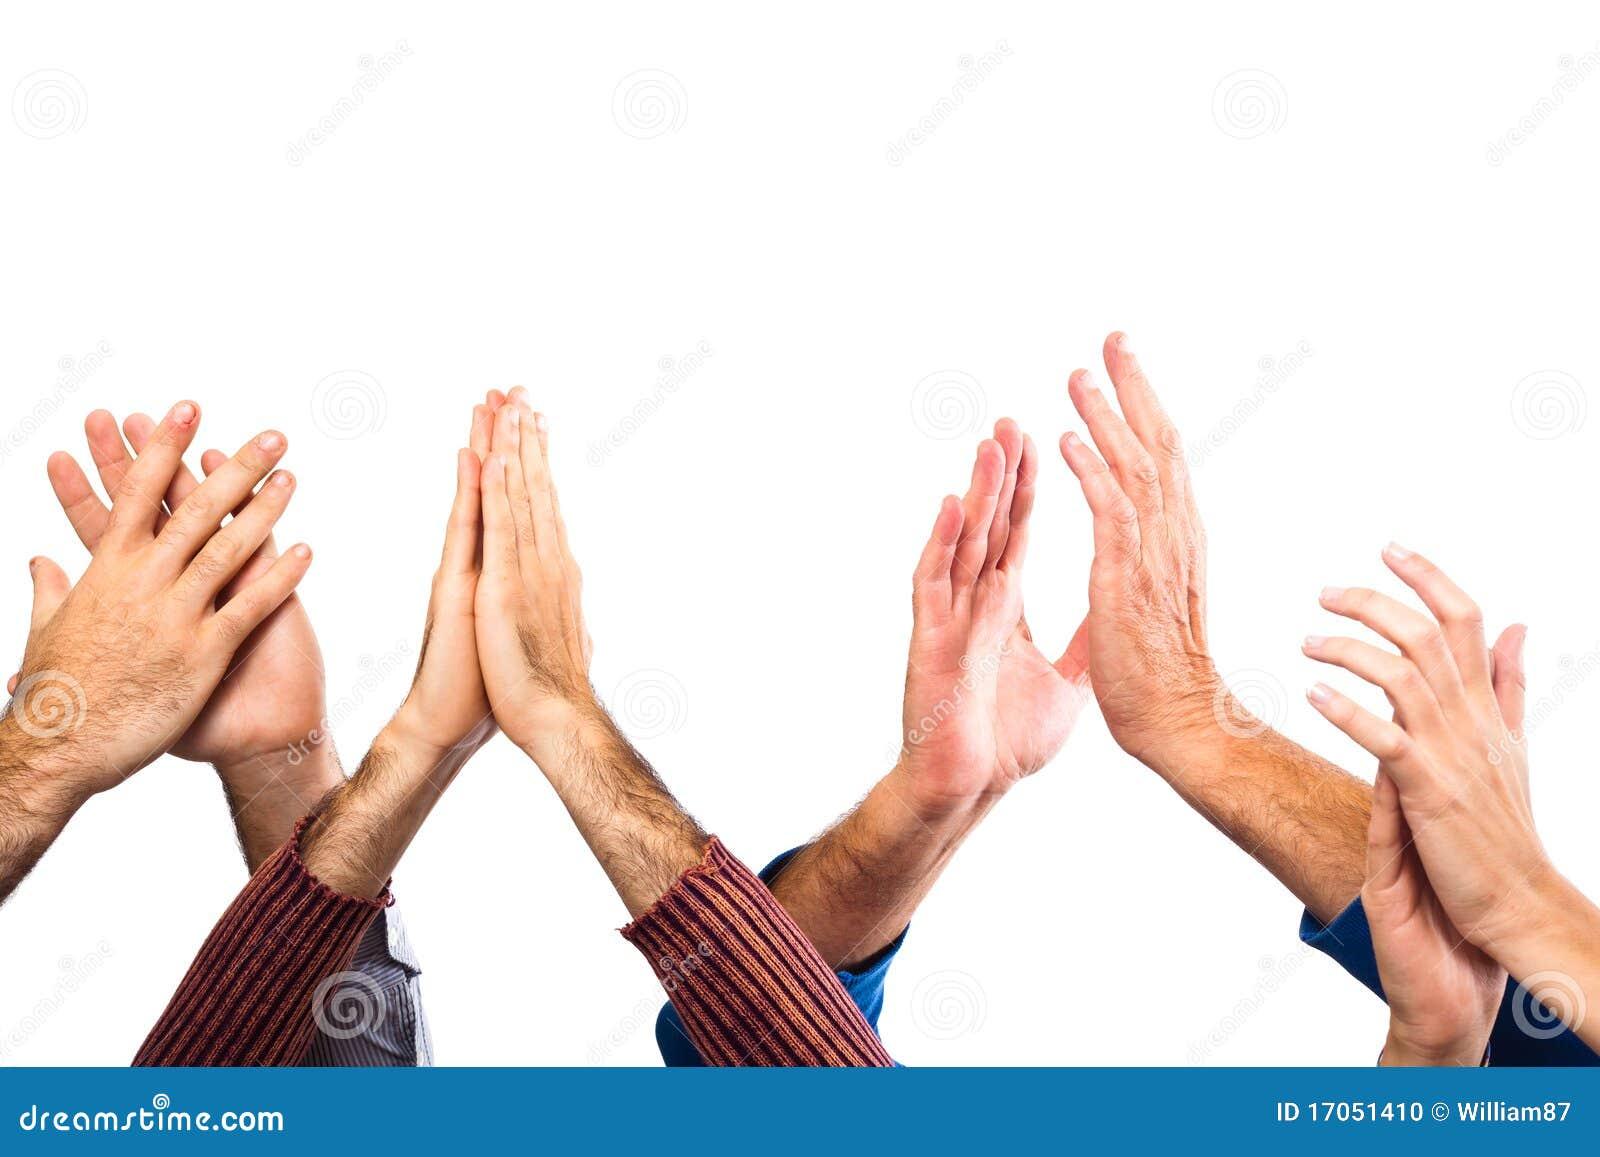 Applauso di mani